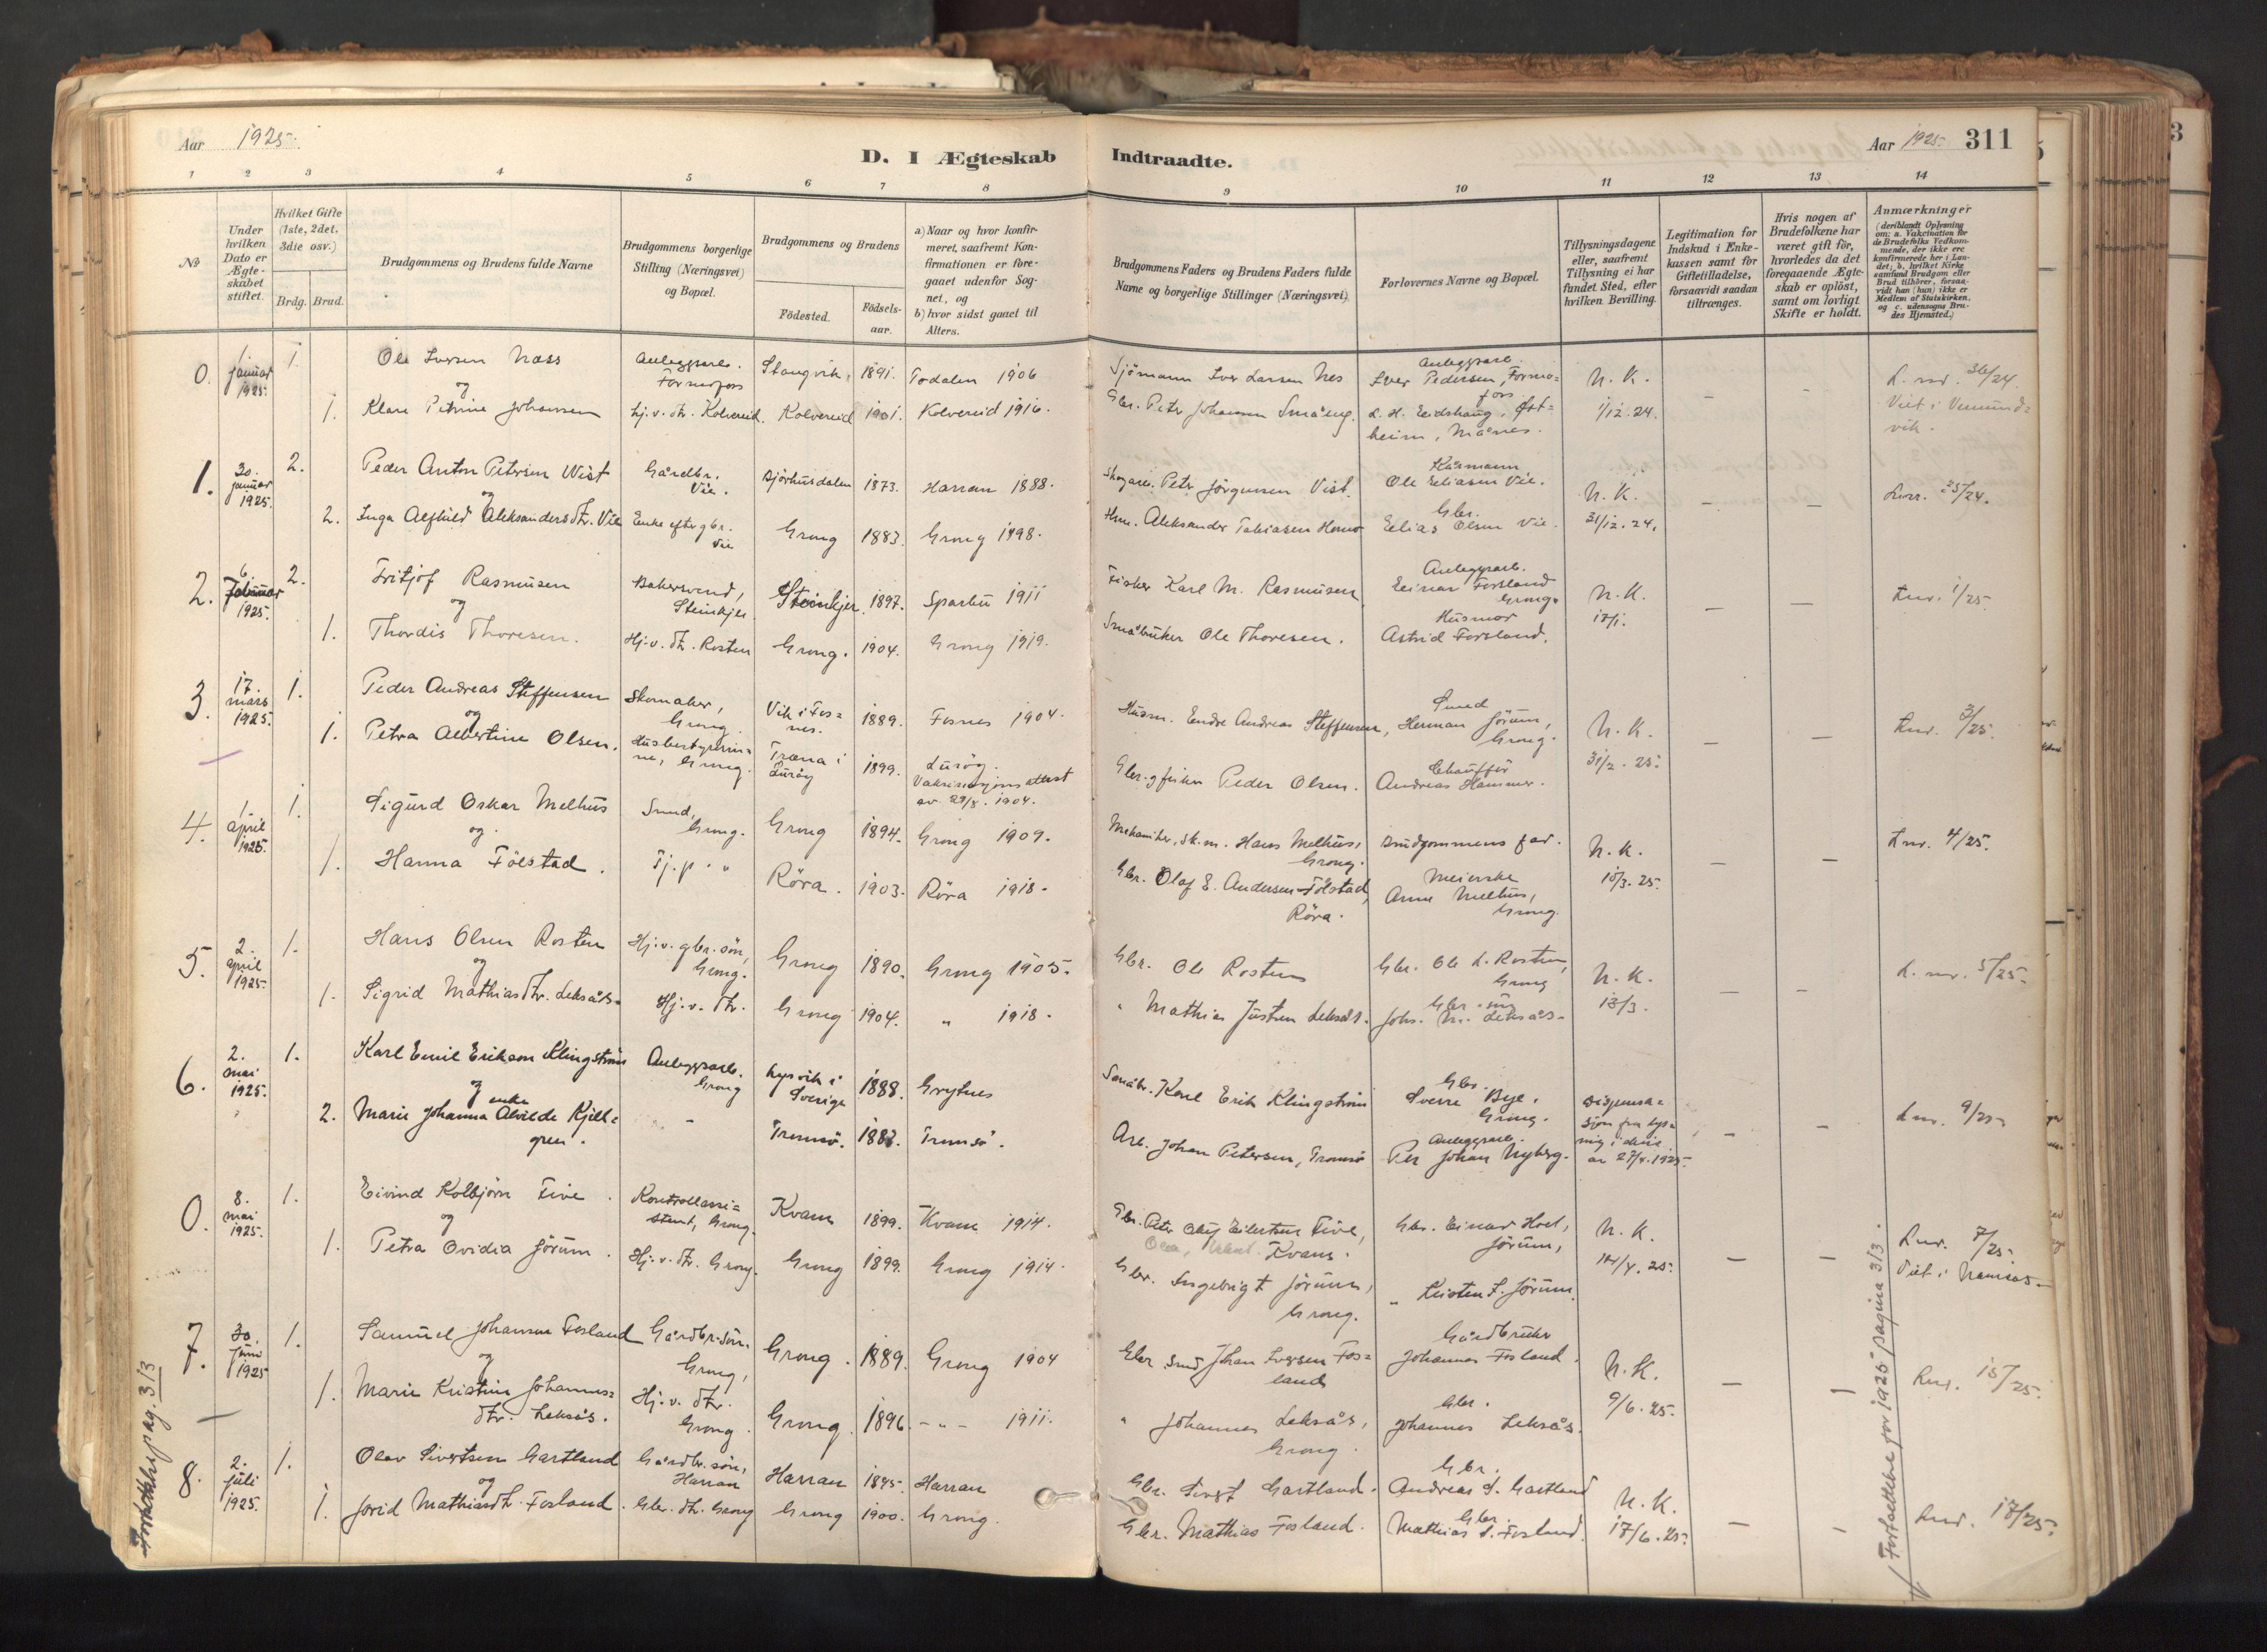 SAT, Ministerialprotokoller, klokkerbøker og fødselsregistre - Nord-Trøndelag, 758/L0519: Ministerialbok nr. 758A04, 1880-1926, s. 311